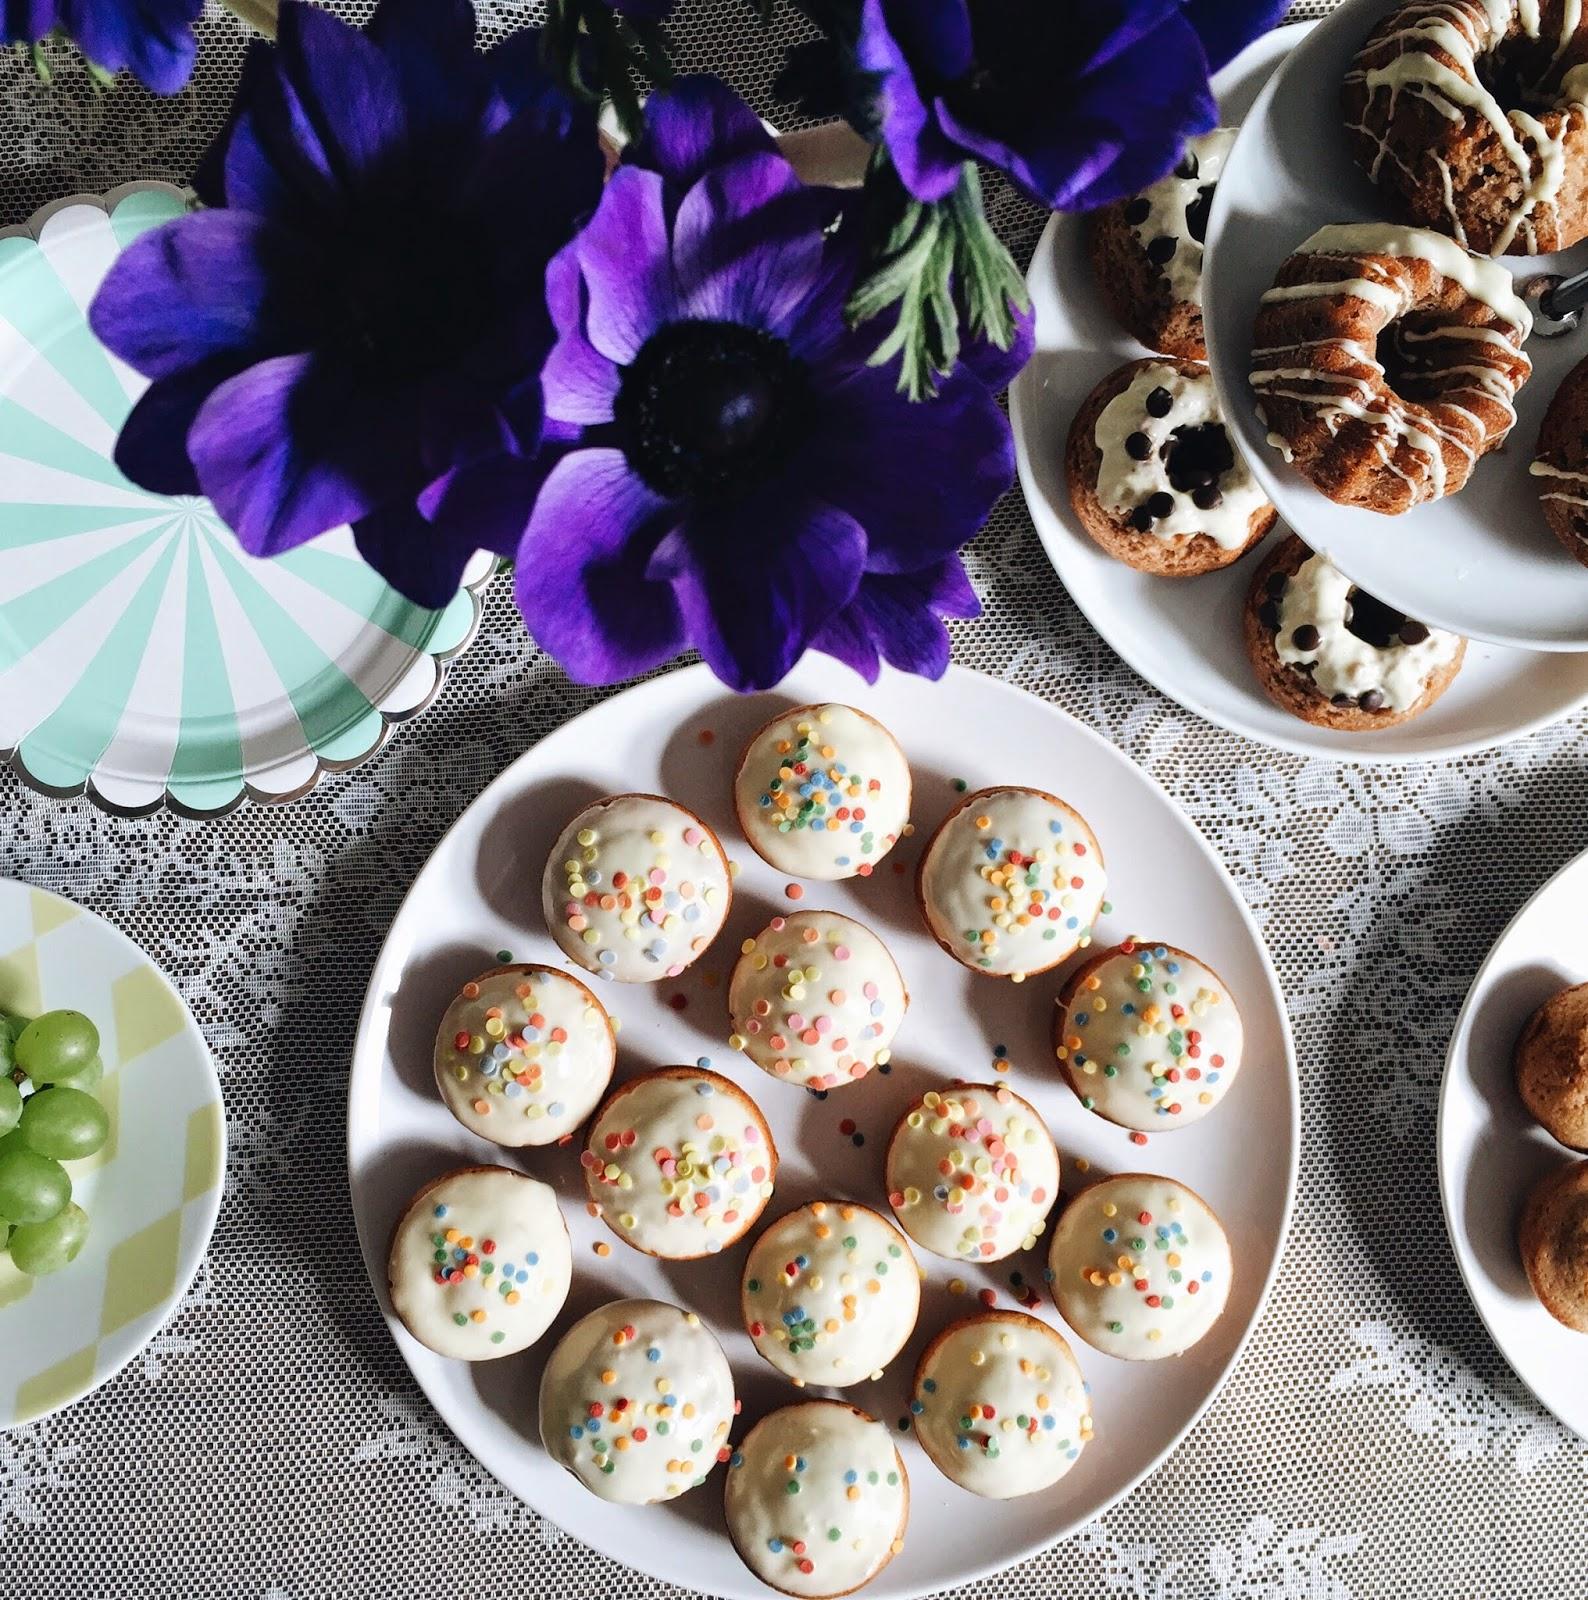 birthday cakes and muffins by ninotschka